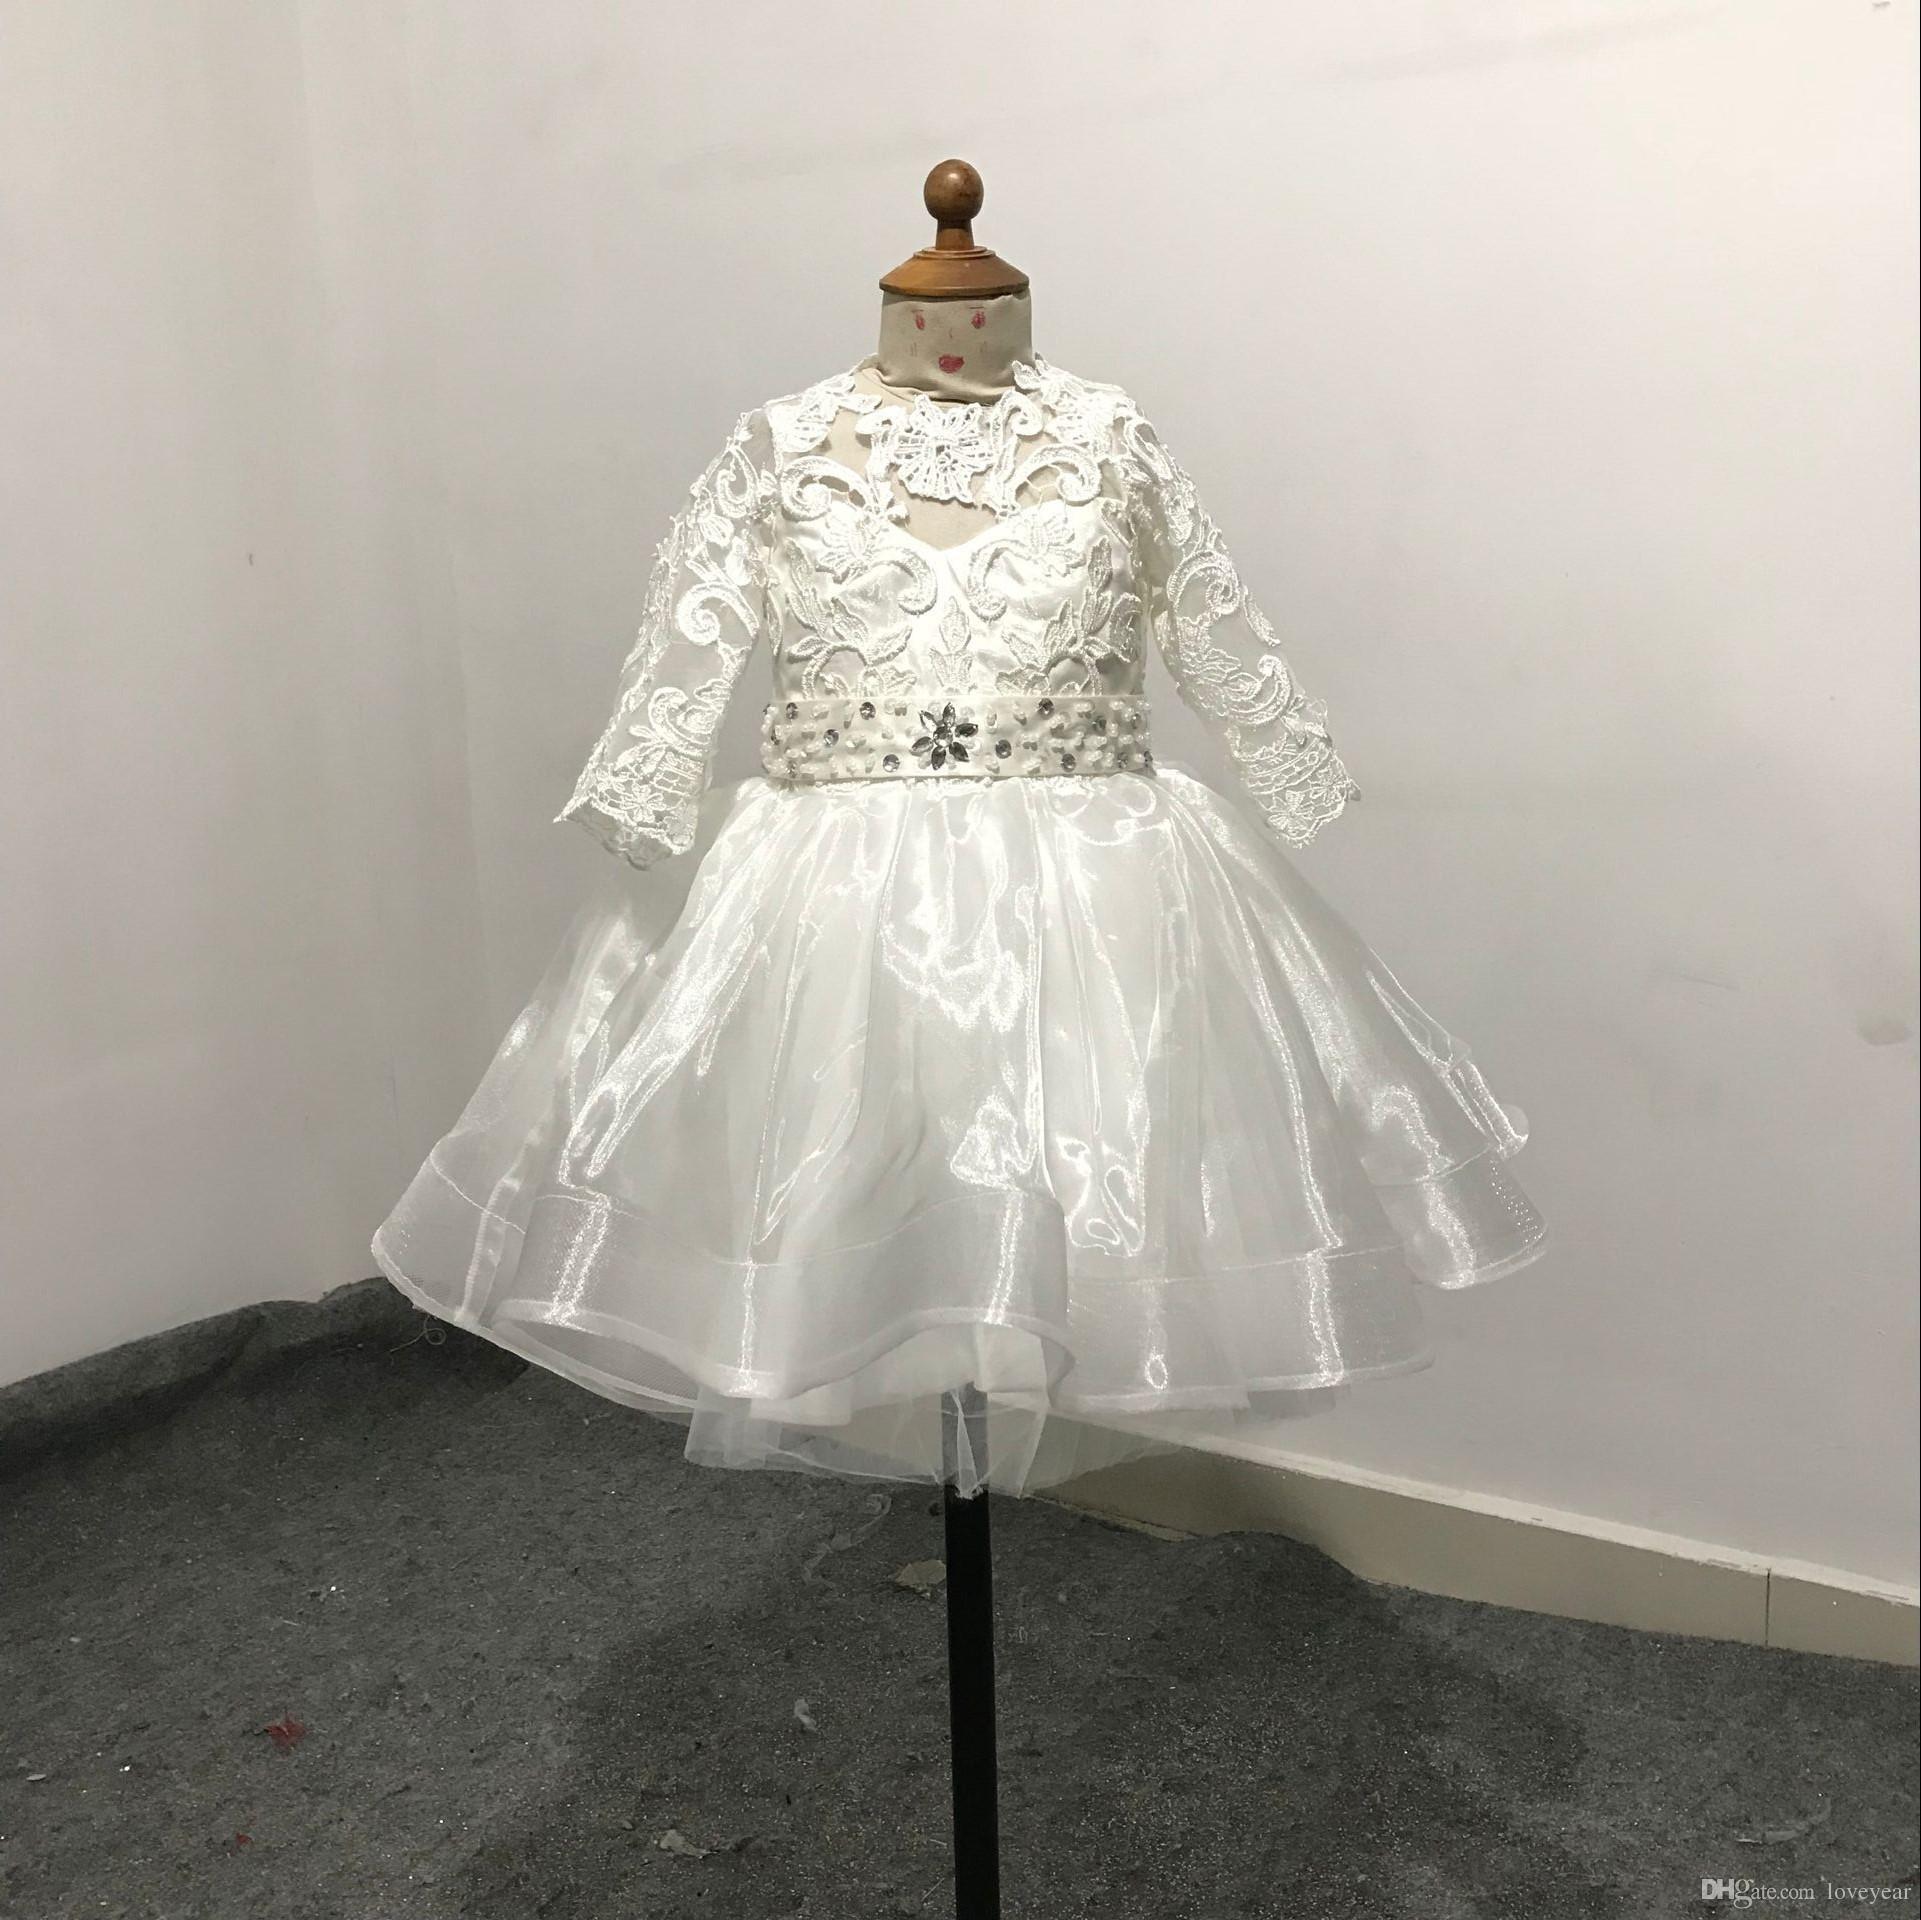 dc1aa3cae6a1 Imagen real de encaje con cuentas de cristal Corto Vestidos de niña de  flores Bebé niña Fiesta de cumpleaños Navidad Vestidos de comunión Niños  Niña ...